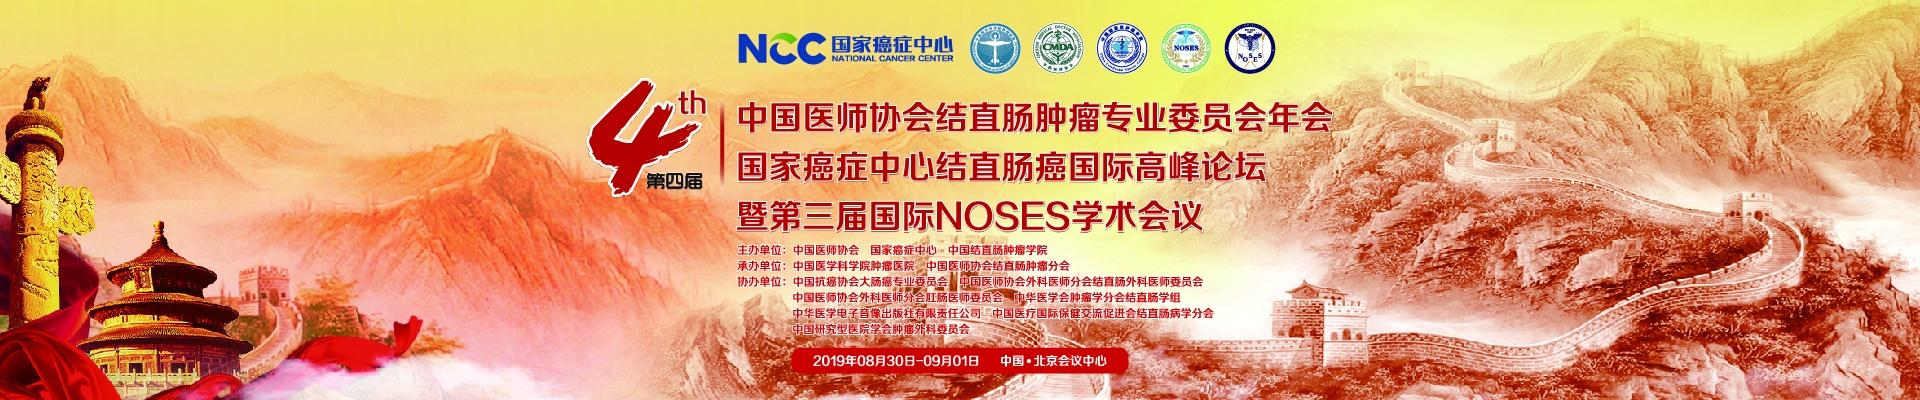 第三屆國際NOSES學術會議